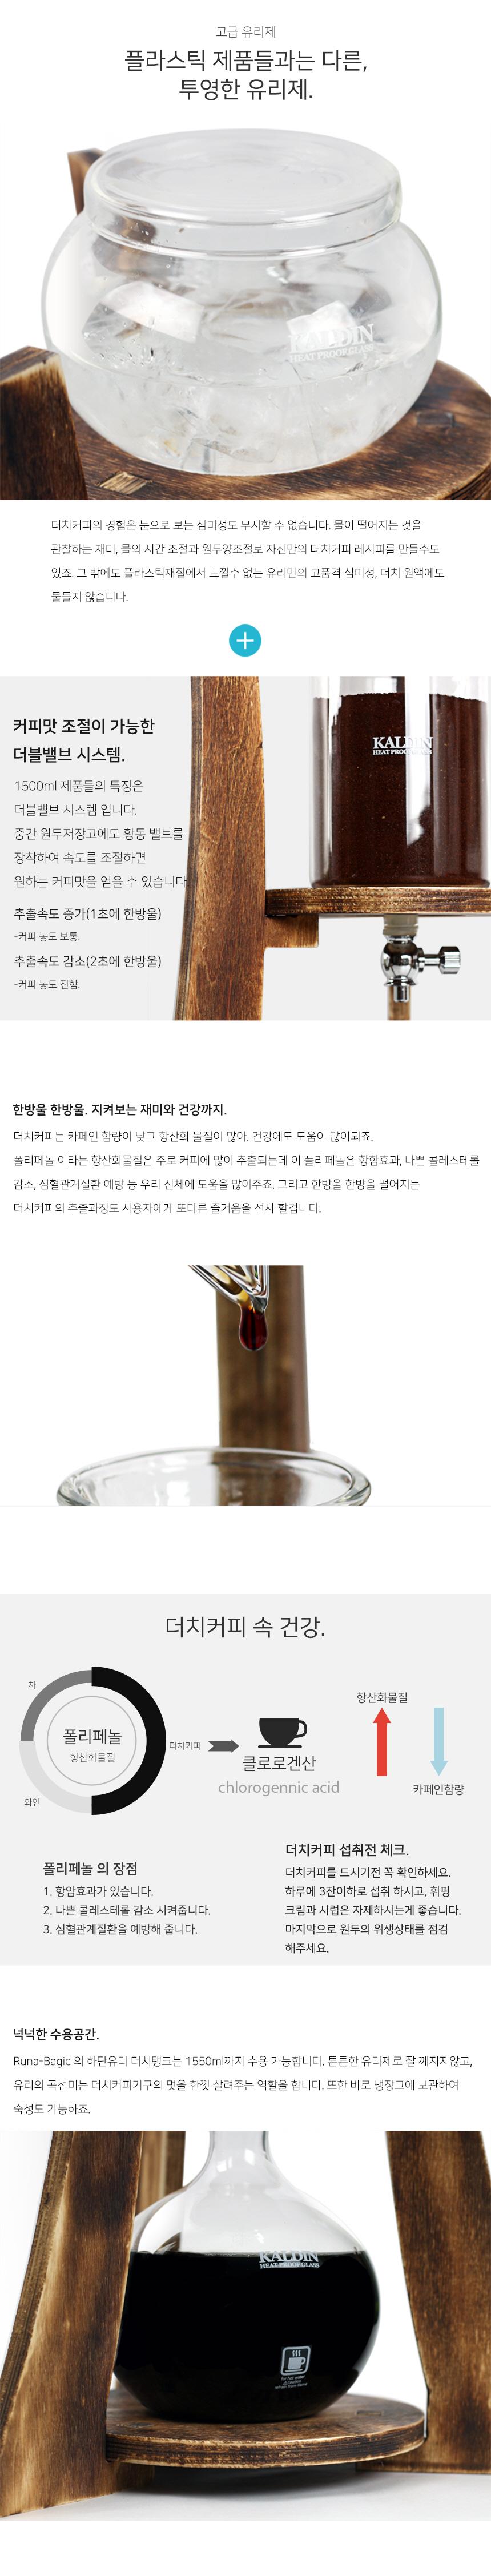 더치커피 콜드브루기구 KD-03B 루나-베이직 1500ml 15-17인용 - 칼딘, 169,000원, 커피 용품, 더치커피기구